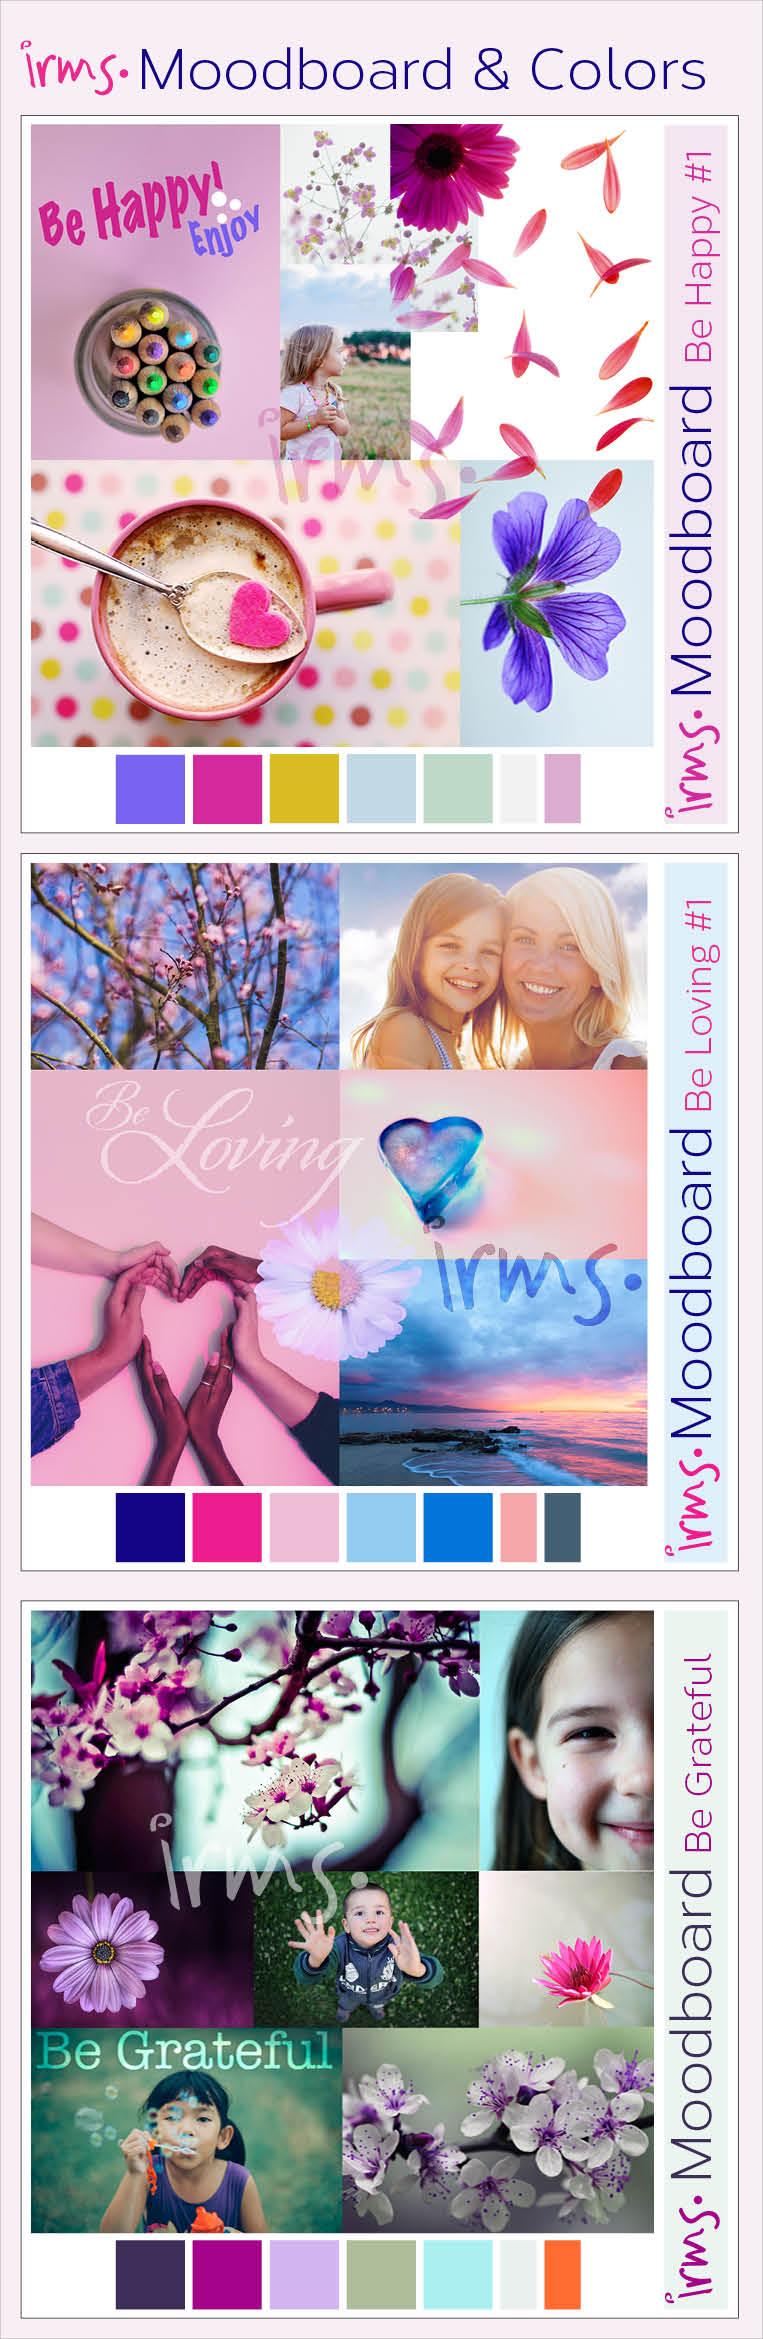 paars-en-roze-moodboard